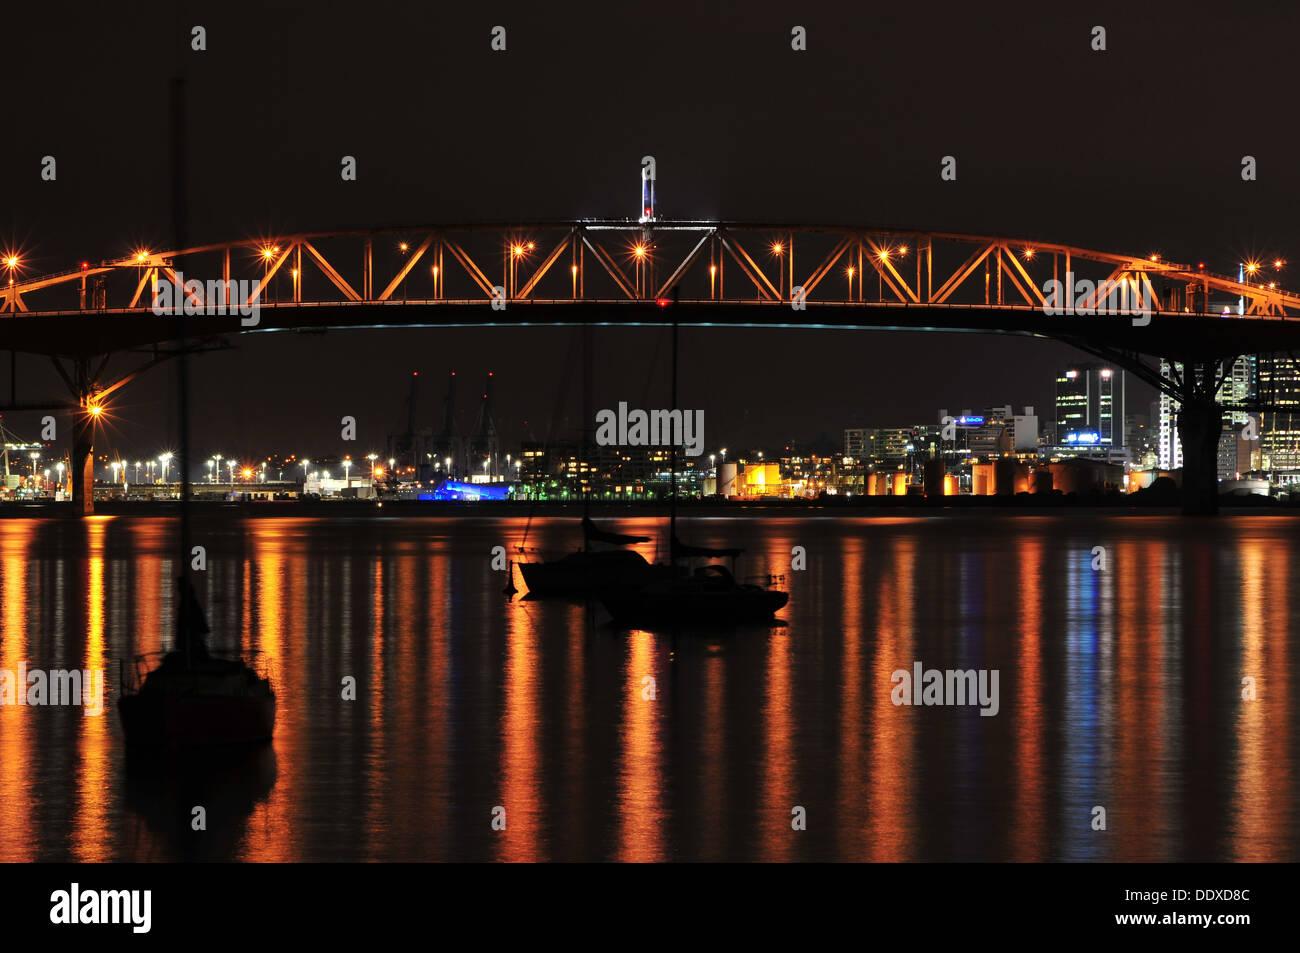 Auckland Harbour Bridge at night - Stock Image